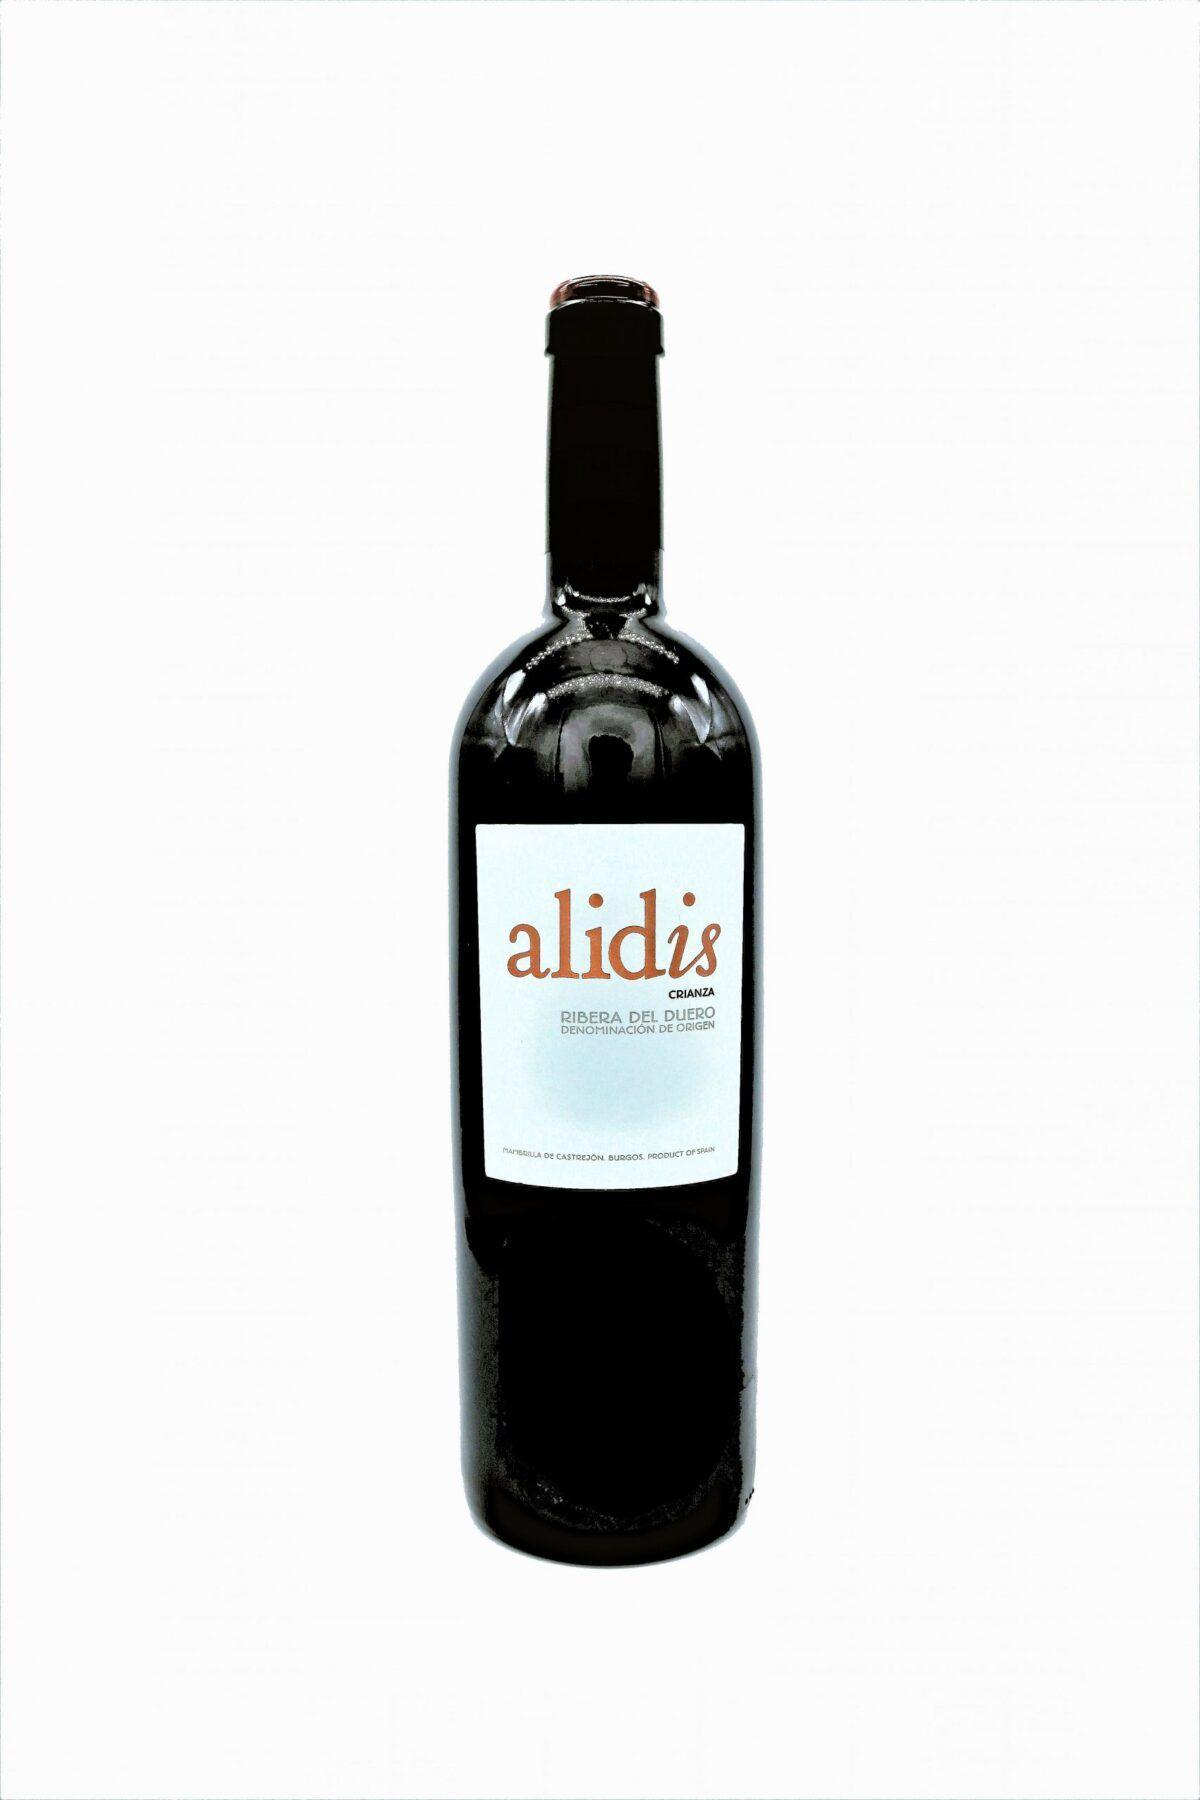 ALIDIS CRIANZA 2015 - Bodega Montferry